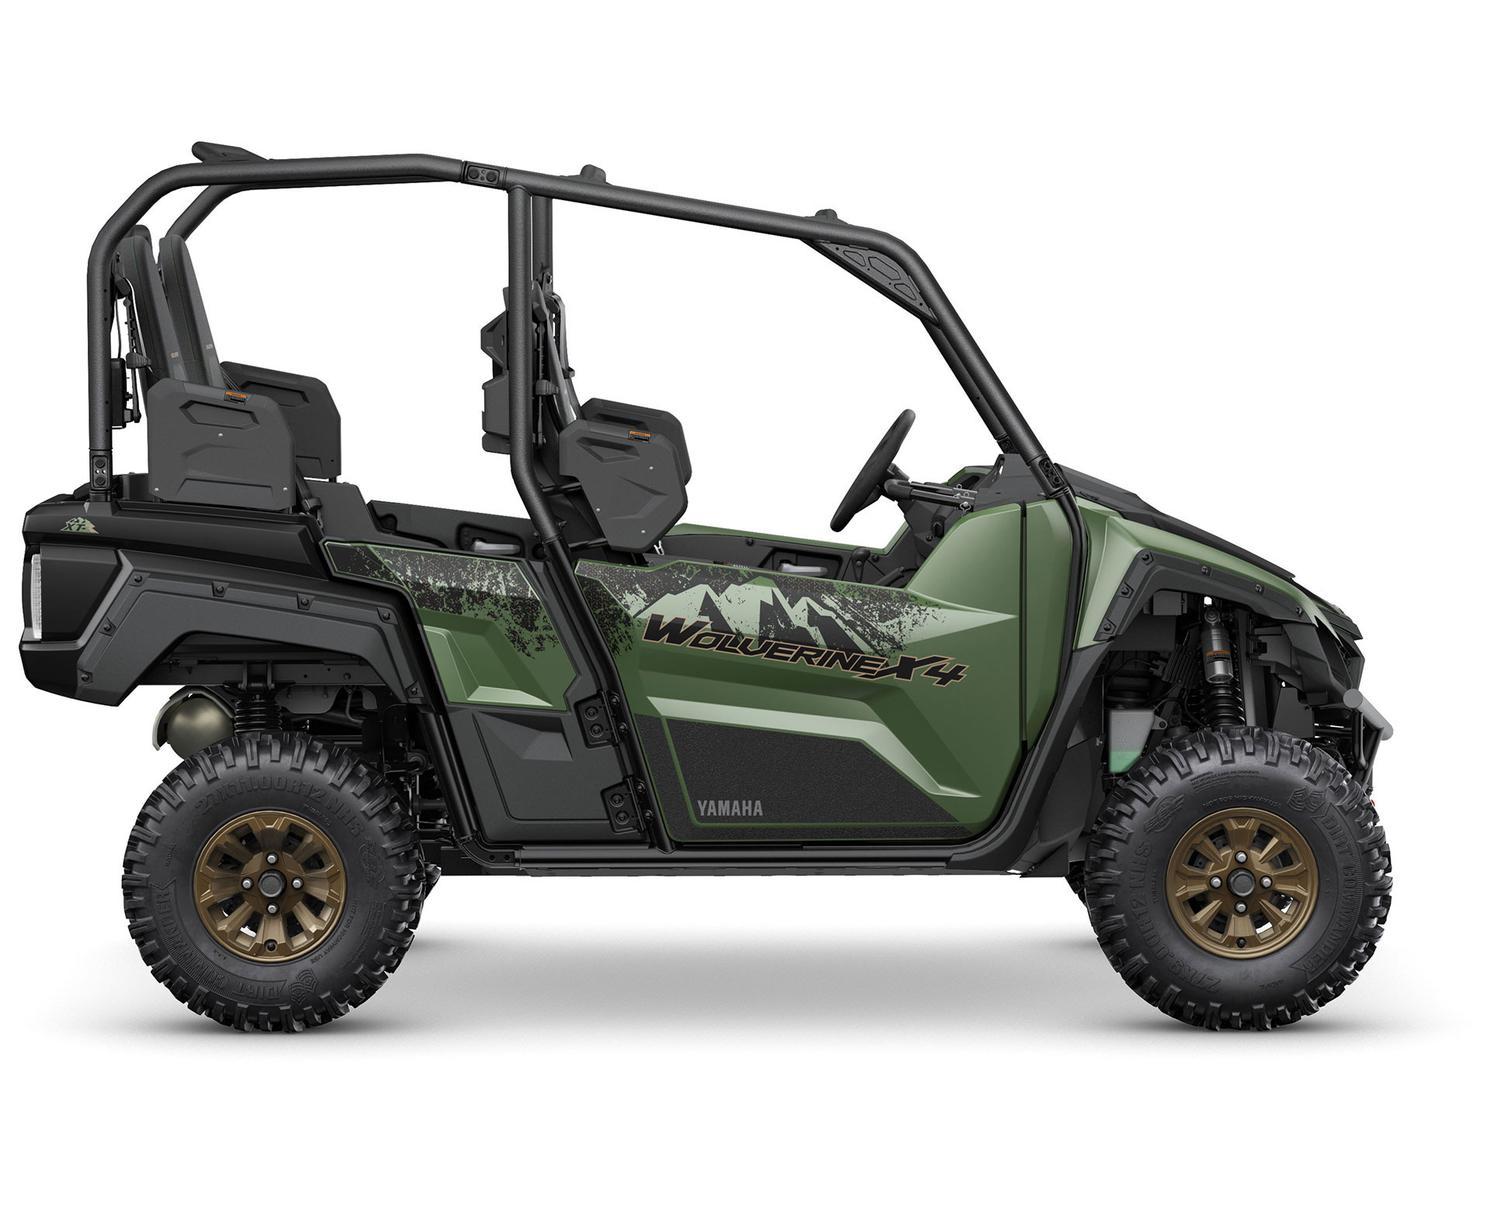 2021 Yamaha Wolverine X4 850 DAE SE